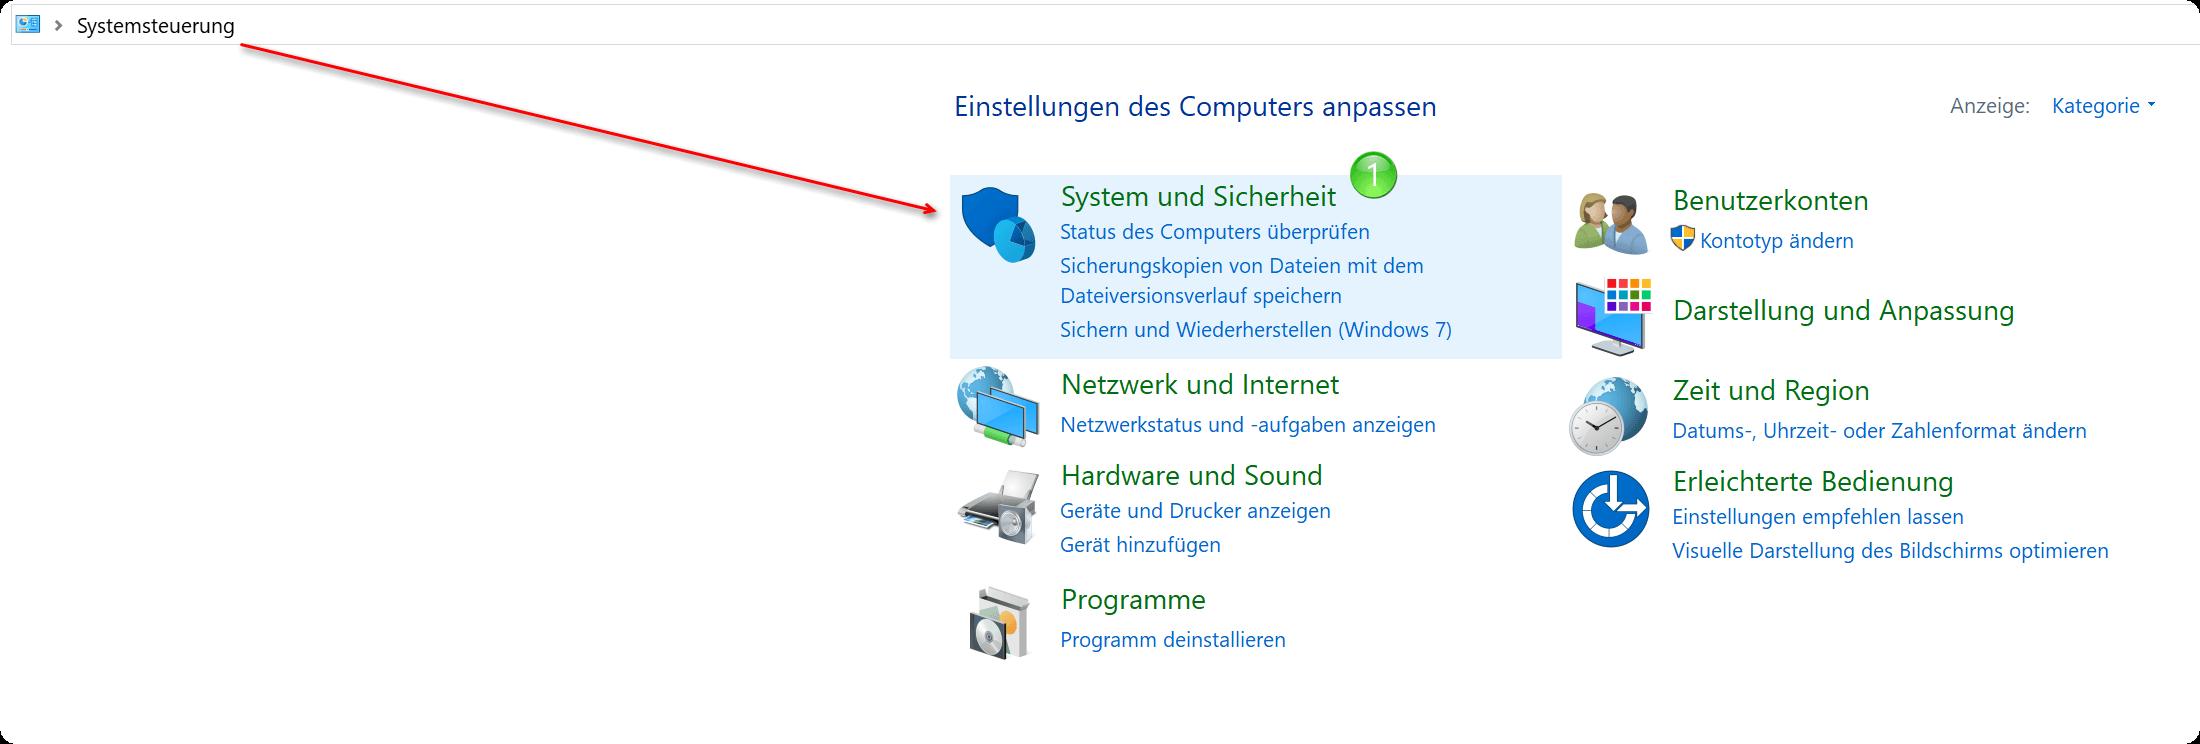 Windows 10 Systemsteuerung